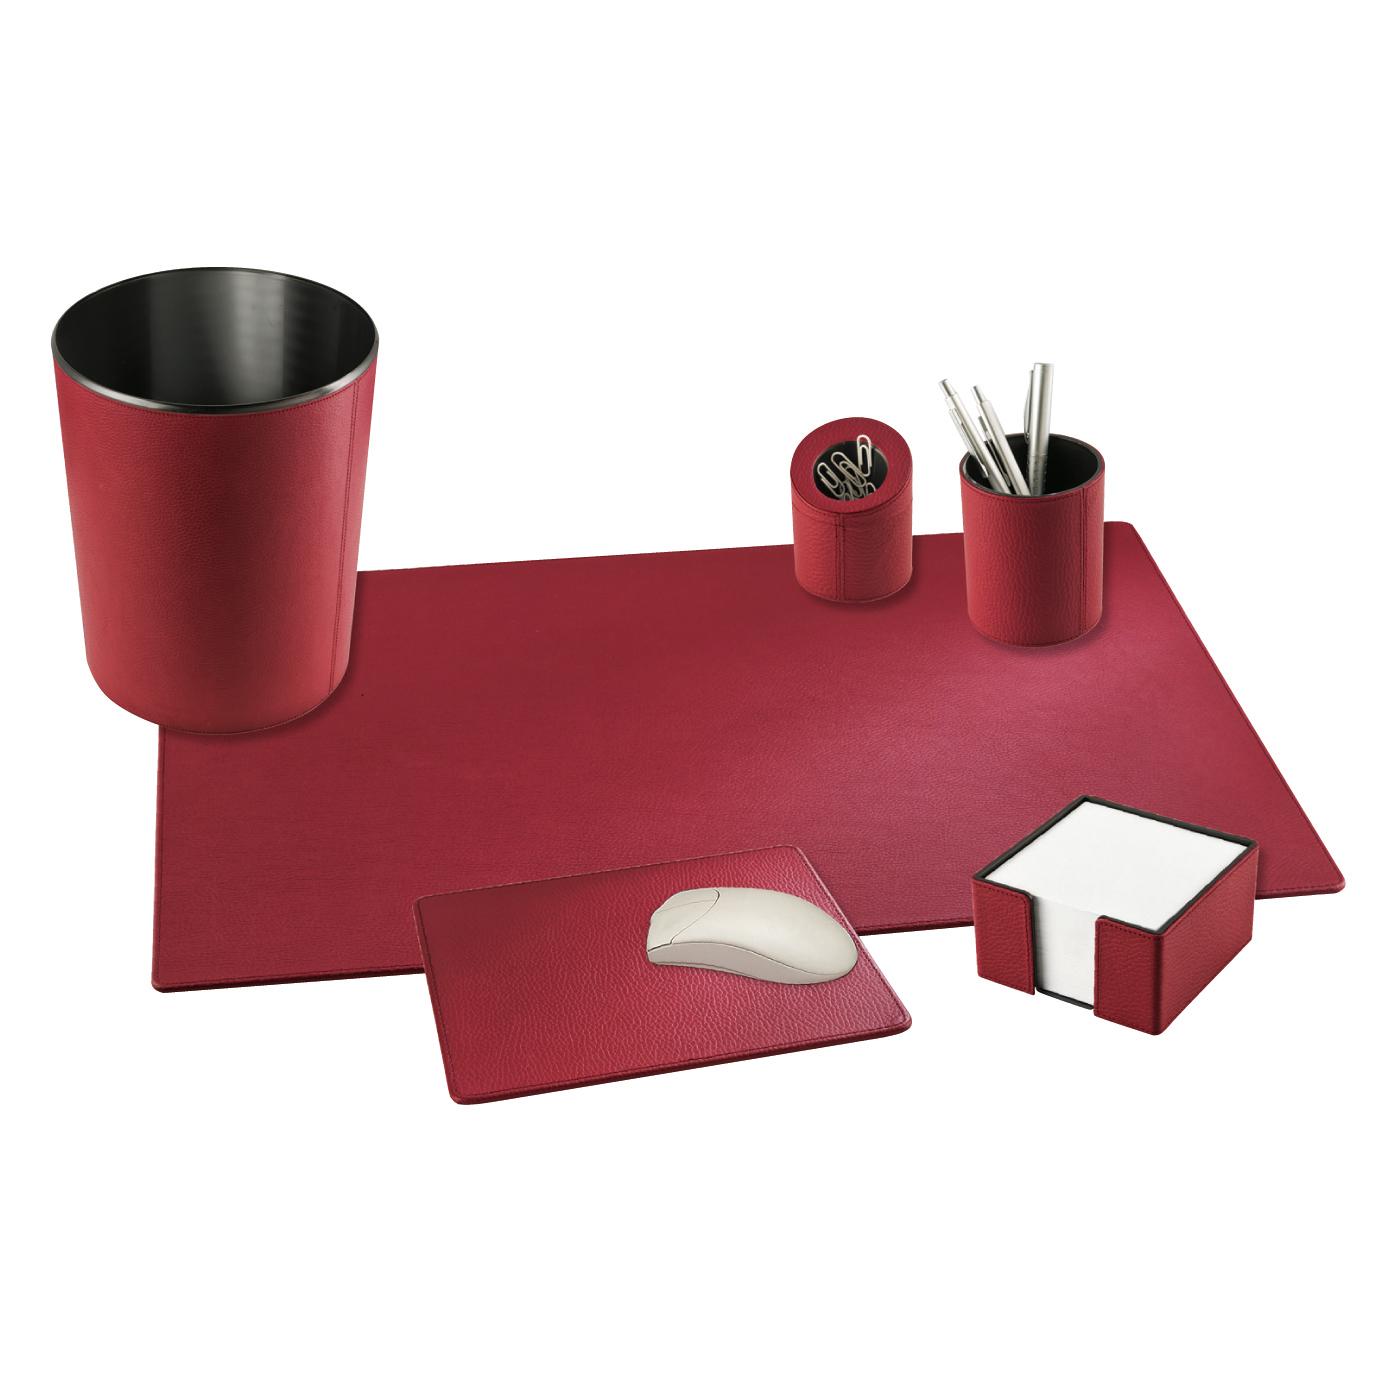 eurostyle schreibtisch accessoires notizzettelbox inkl. Black Bedroom Furniture Sets. Home Design Ideas